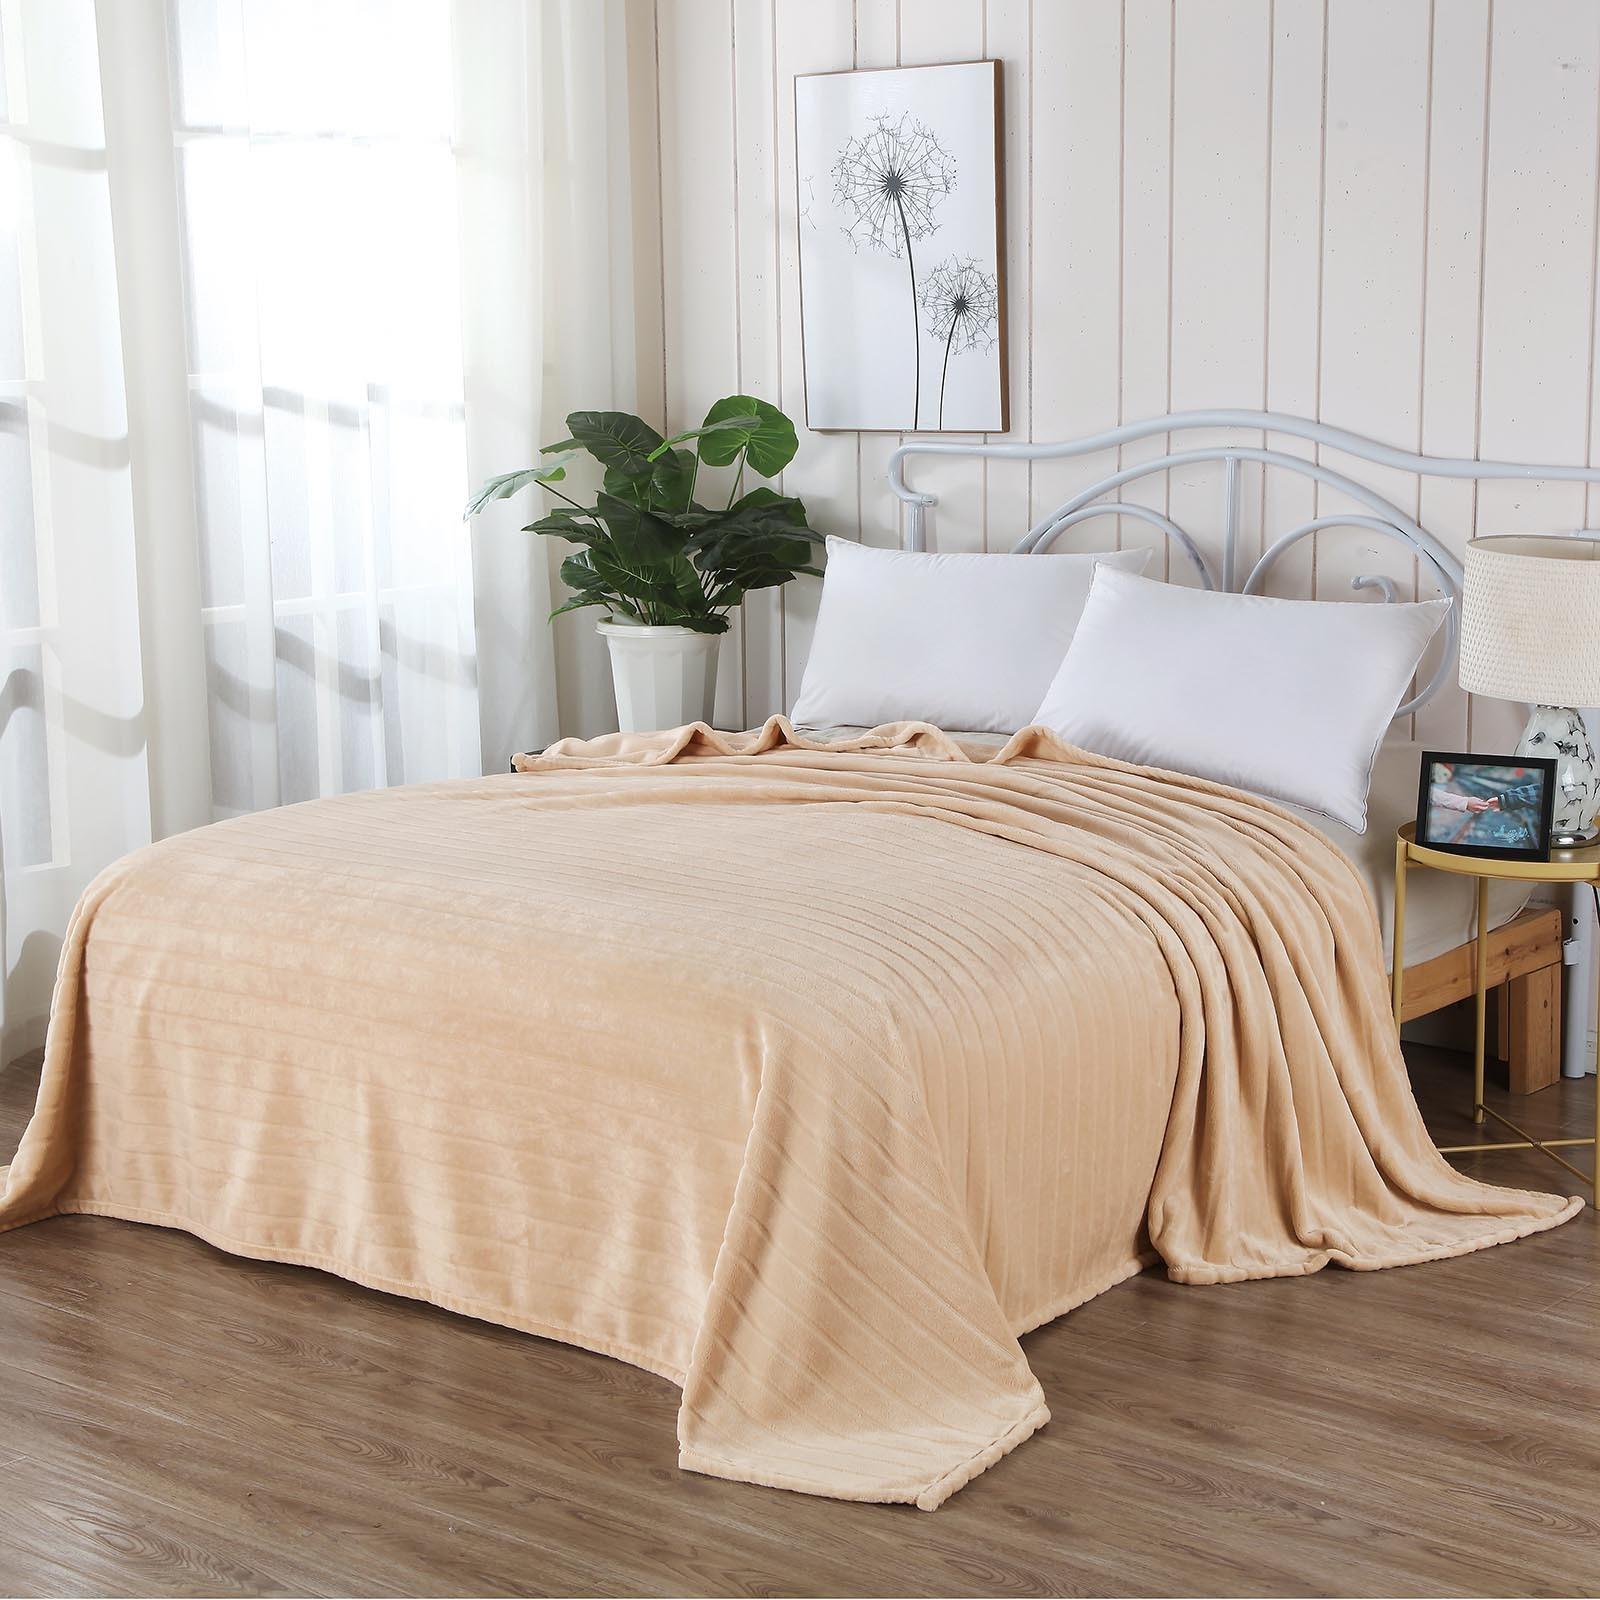 Плед Sofi de Marko Калипсо 1,5, светло-бежевыйПл-К01-160х220Роскошное покрывало, созданное со вкусом и элегантностью, позволяет сделать спальню самой интимной частью дома. Для того, чтобы спать по-королевски. Вы можете позволить себе изысканный текстиль Sofi De MarkO, созданный из благородных тканей в античном стиле, классицизме, ампир или рококо. Роскошные дизайны, стильная драпировка и торжественность - основные черты нашей продукции. С коллекцией покрывал Sofi De Marko Вы откроете неиссякаемый источник творчества для создания интерьера Вашей мечты!